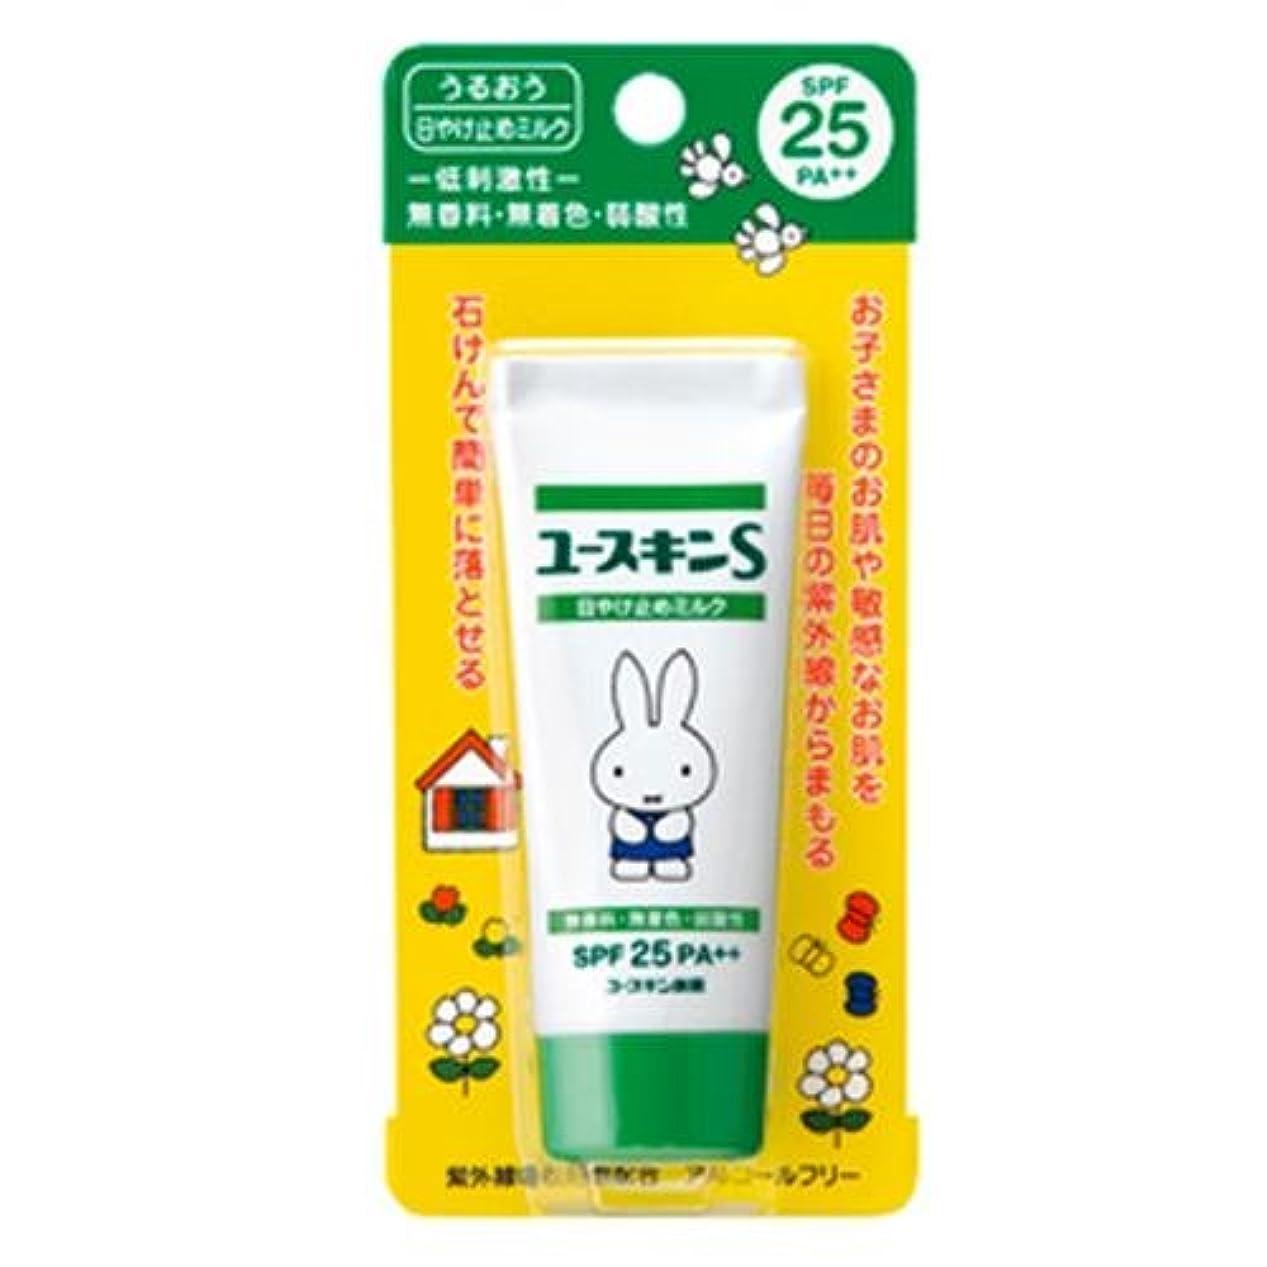 そこつかまえる所属ユースキンS UVミルク SPF25 PA++ 40g (敏感肌用 日焼け止め)